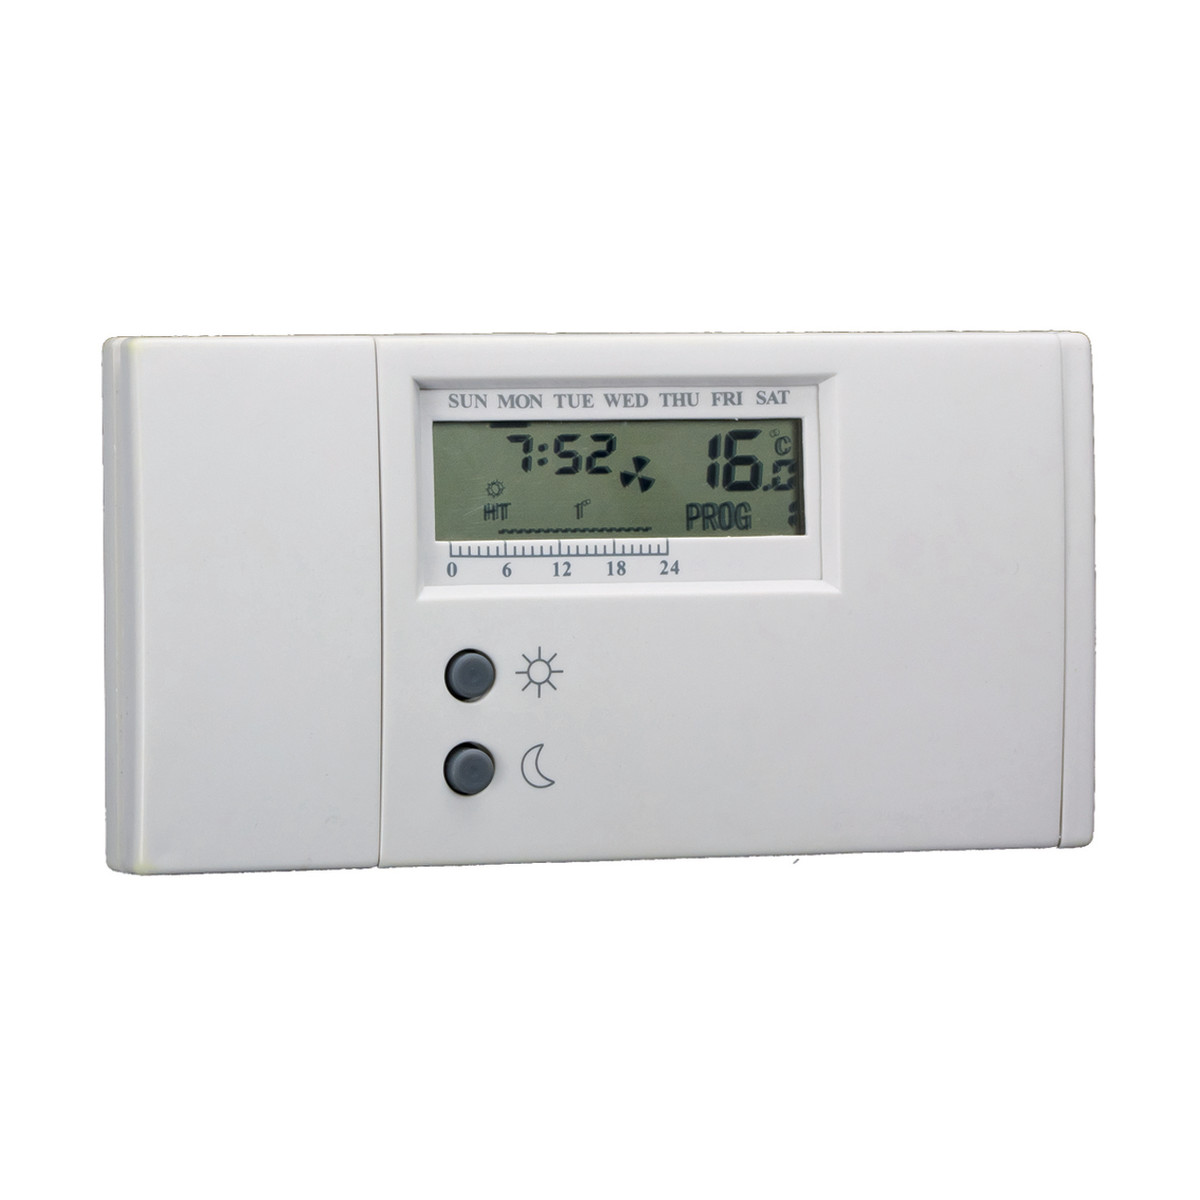 Ve429700 contatore per fasce orarie monofase energy for Termostato vemer istruzioni